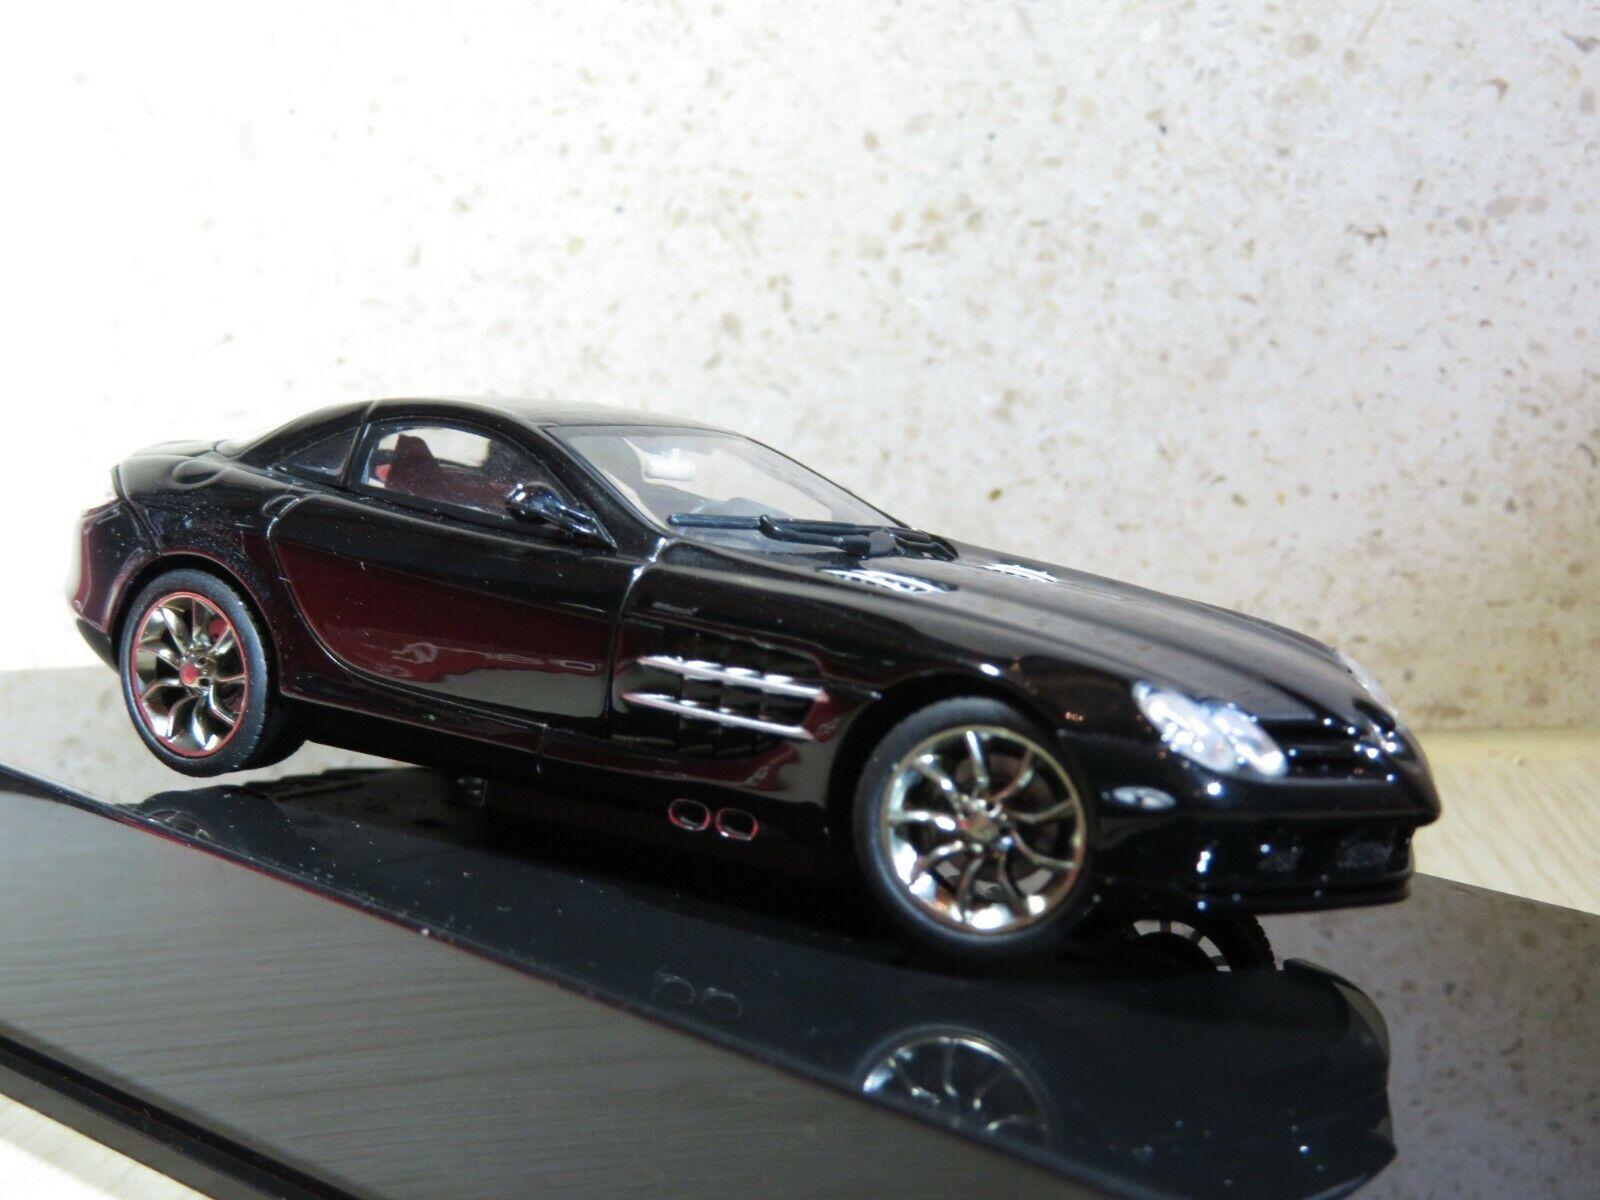 Garantía 100% de ajuste 1 43 Autoart Mercedes Benz sola Lente Lente Lente Reflex McLaren (girando la rueda) Diecast LS  precios bajos todos los dias